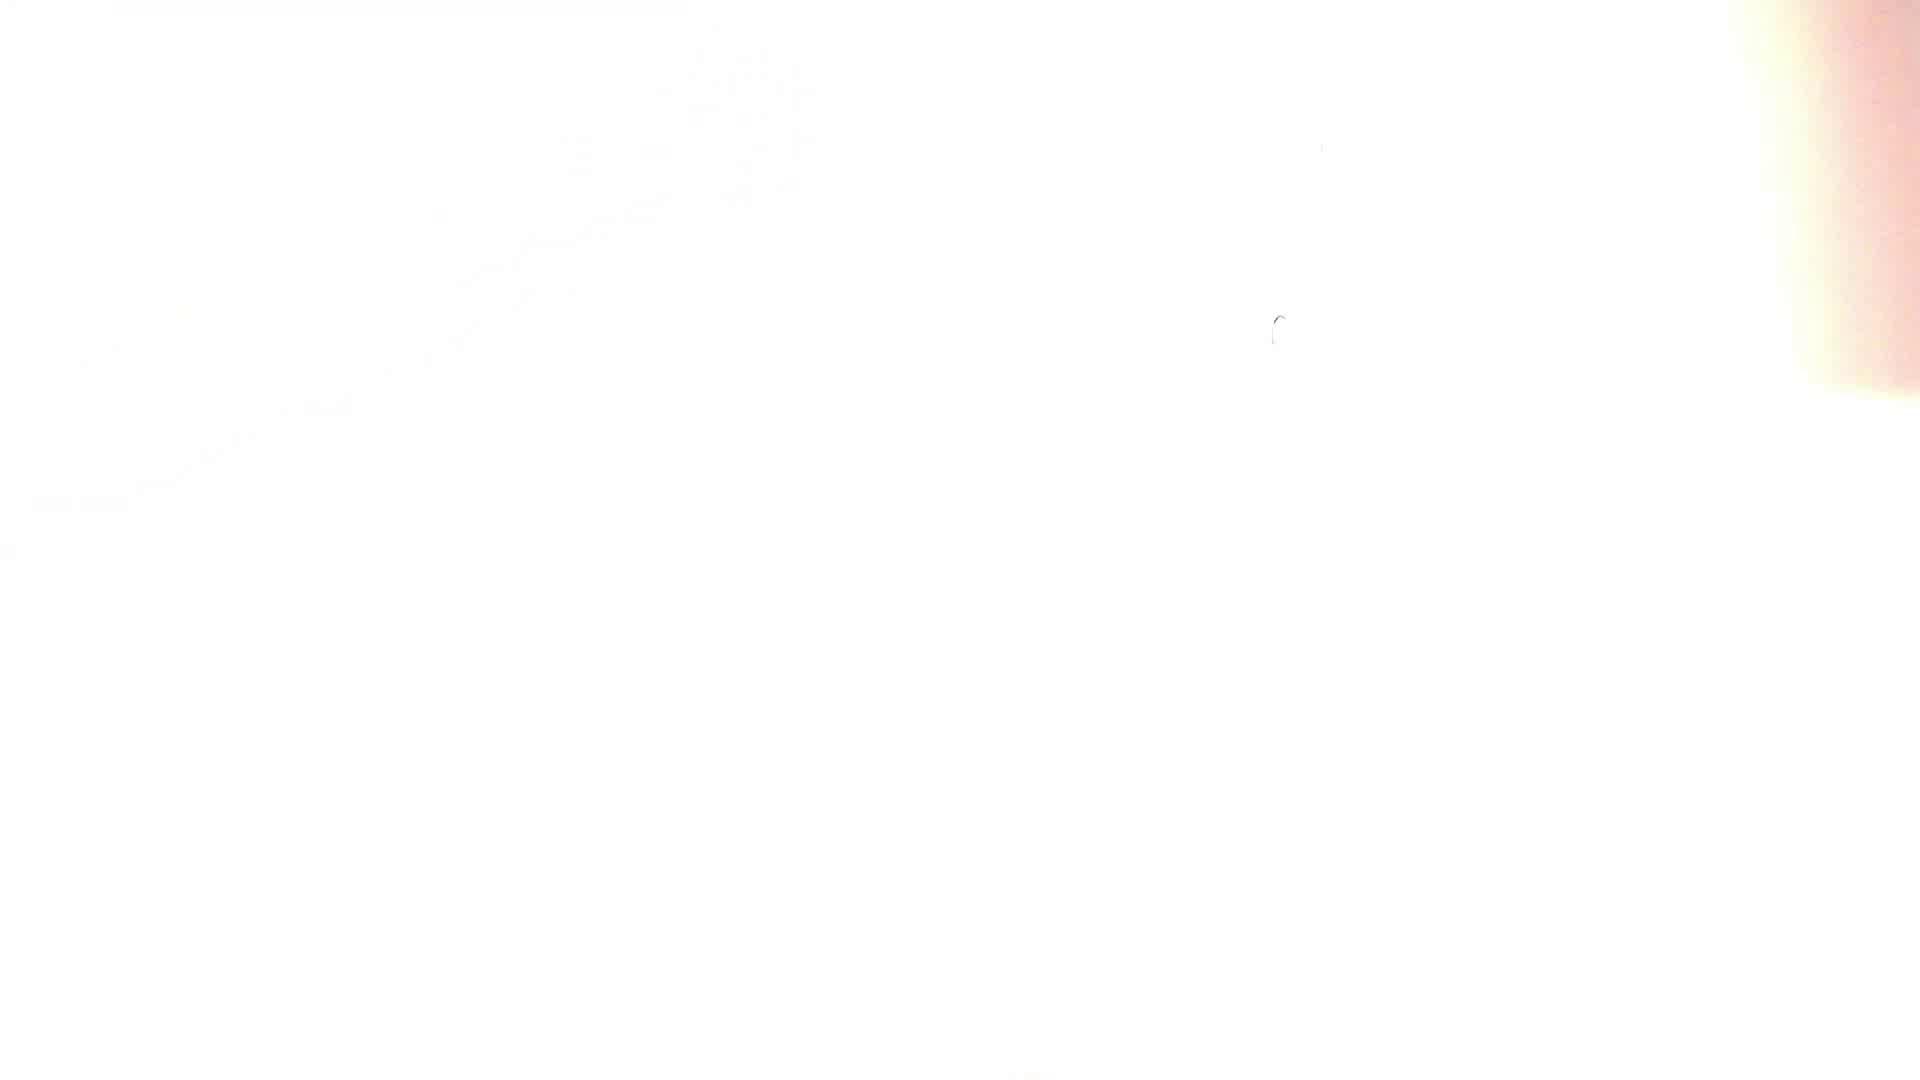 上級者の方専用 vol.07 盗撮特集 | おまんこ  100画像 7